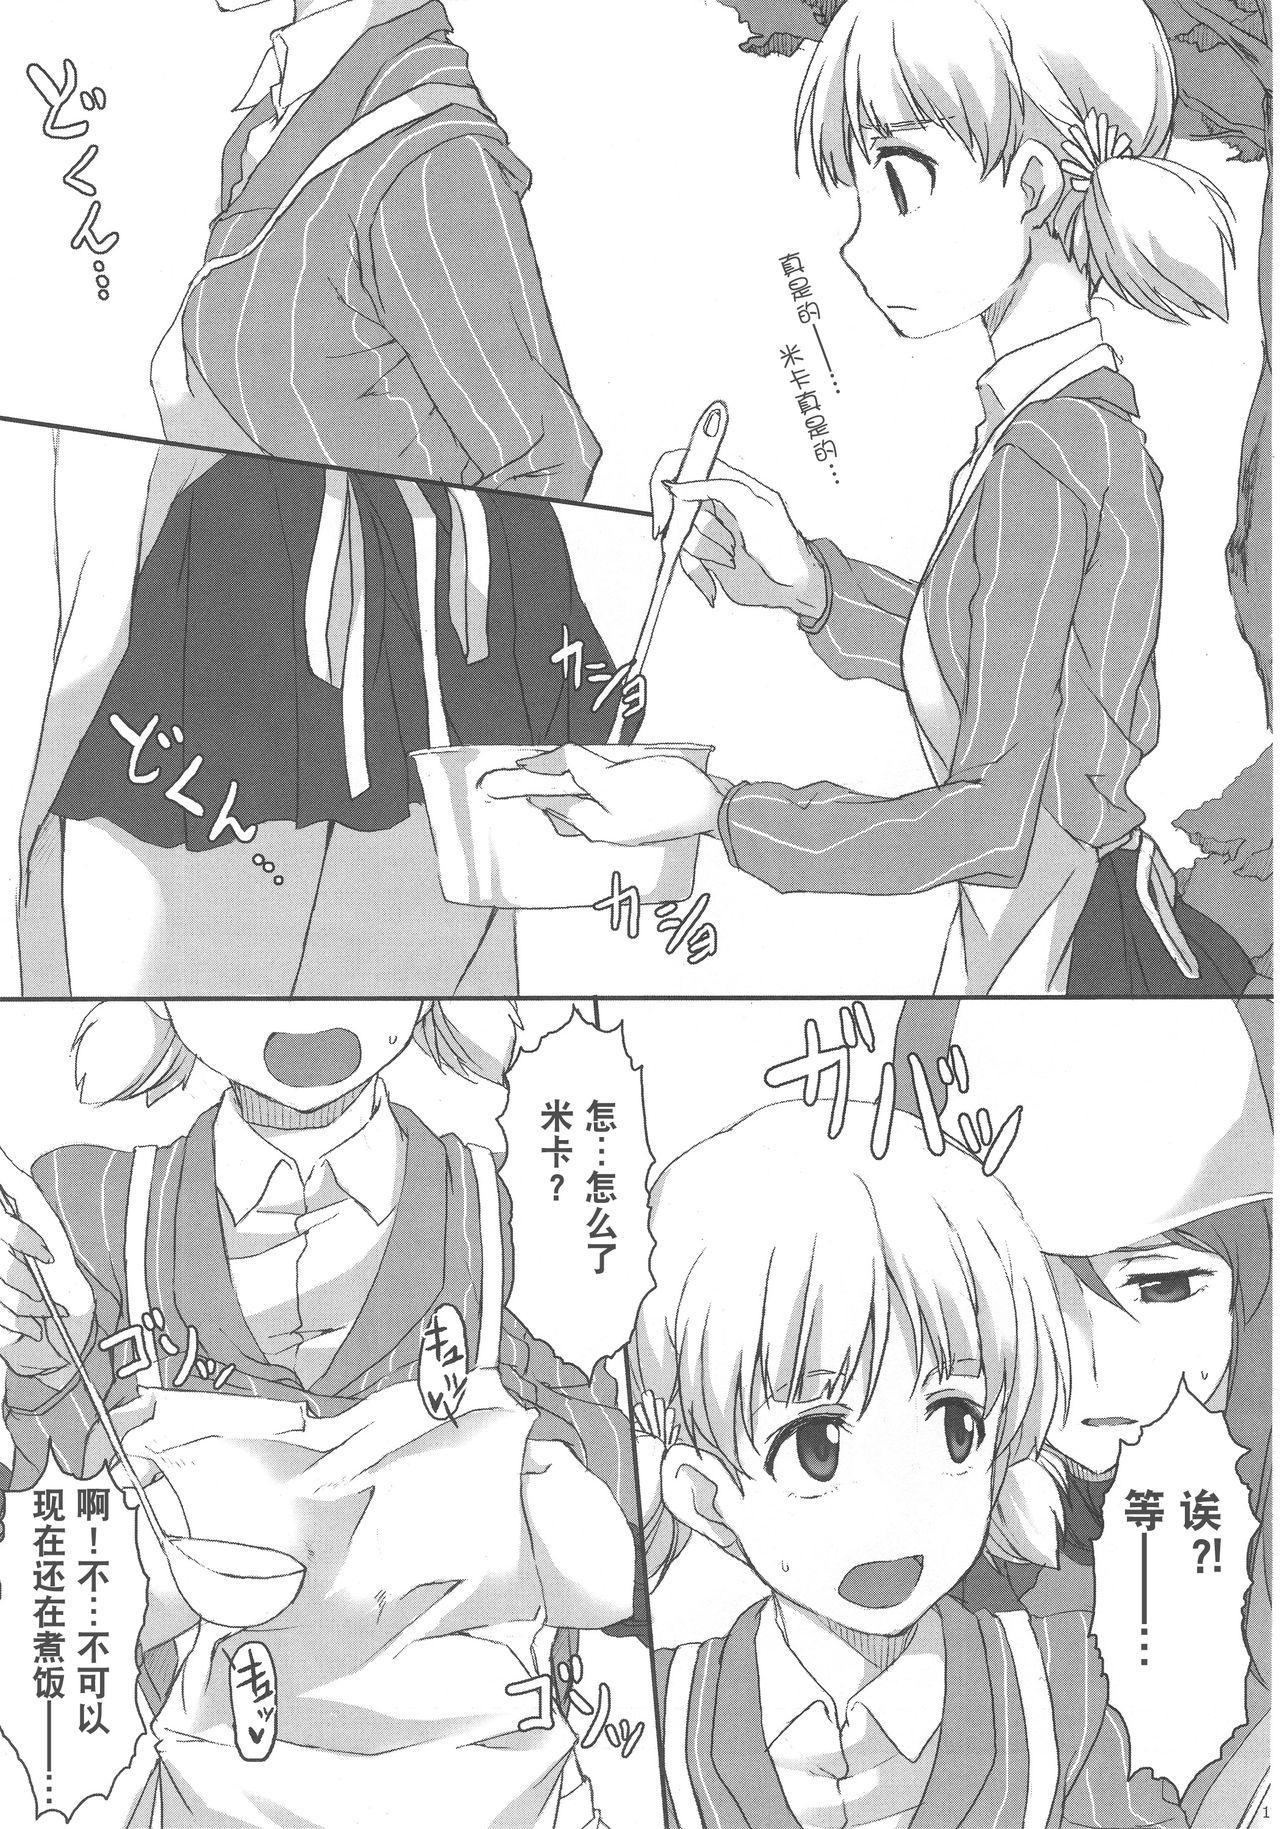 Aki! Mika ga Netsuretsu ni Appeal Shitemasu yo! 10